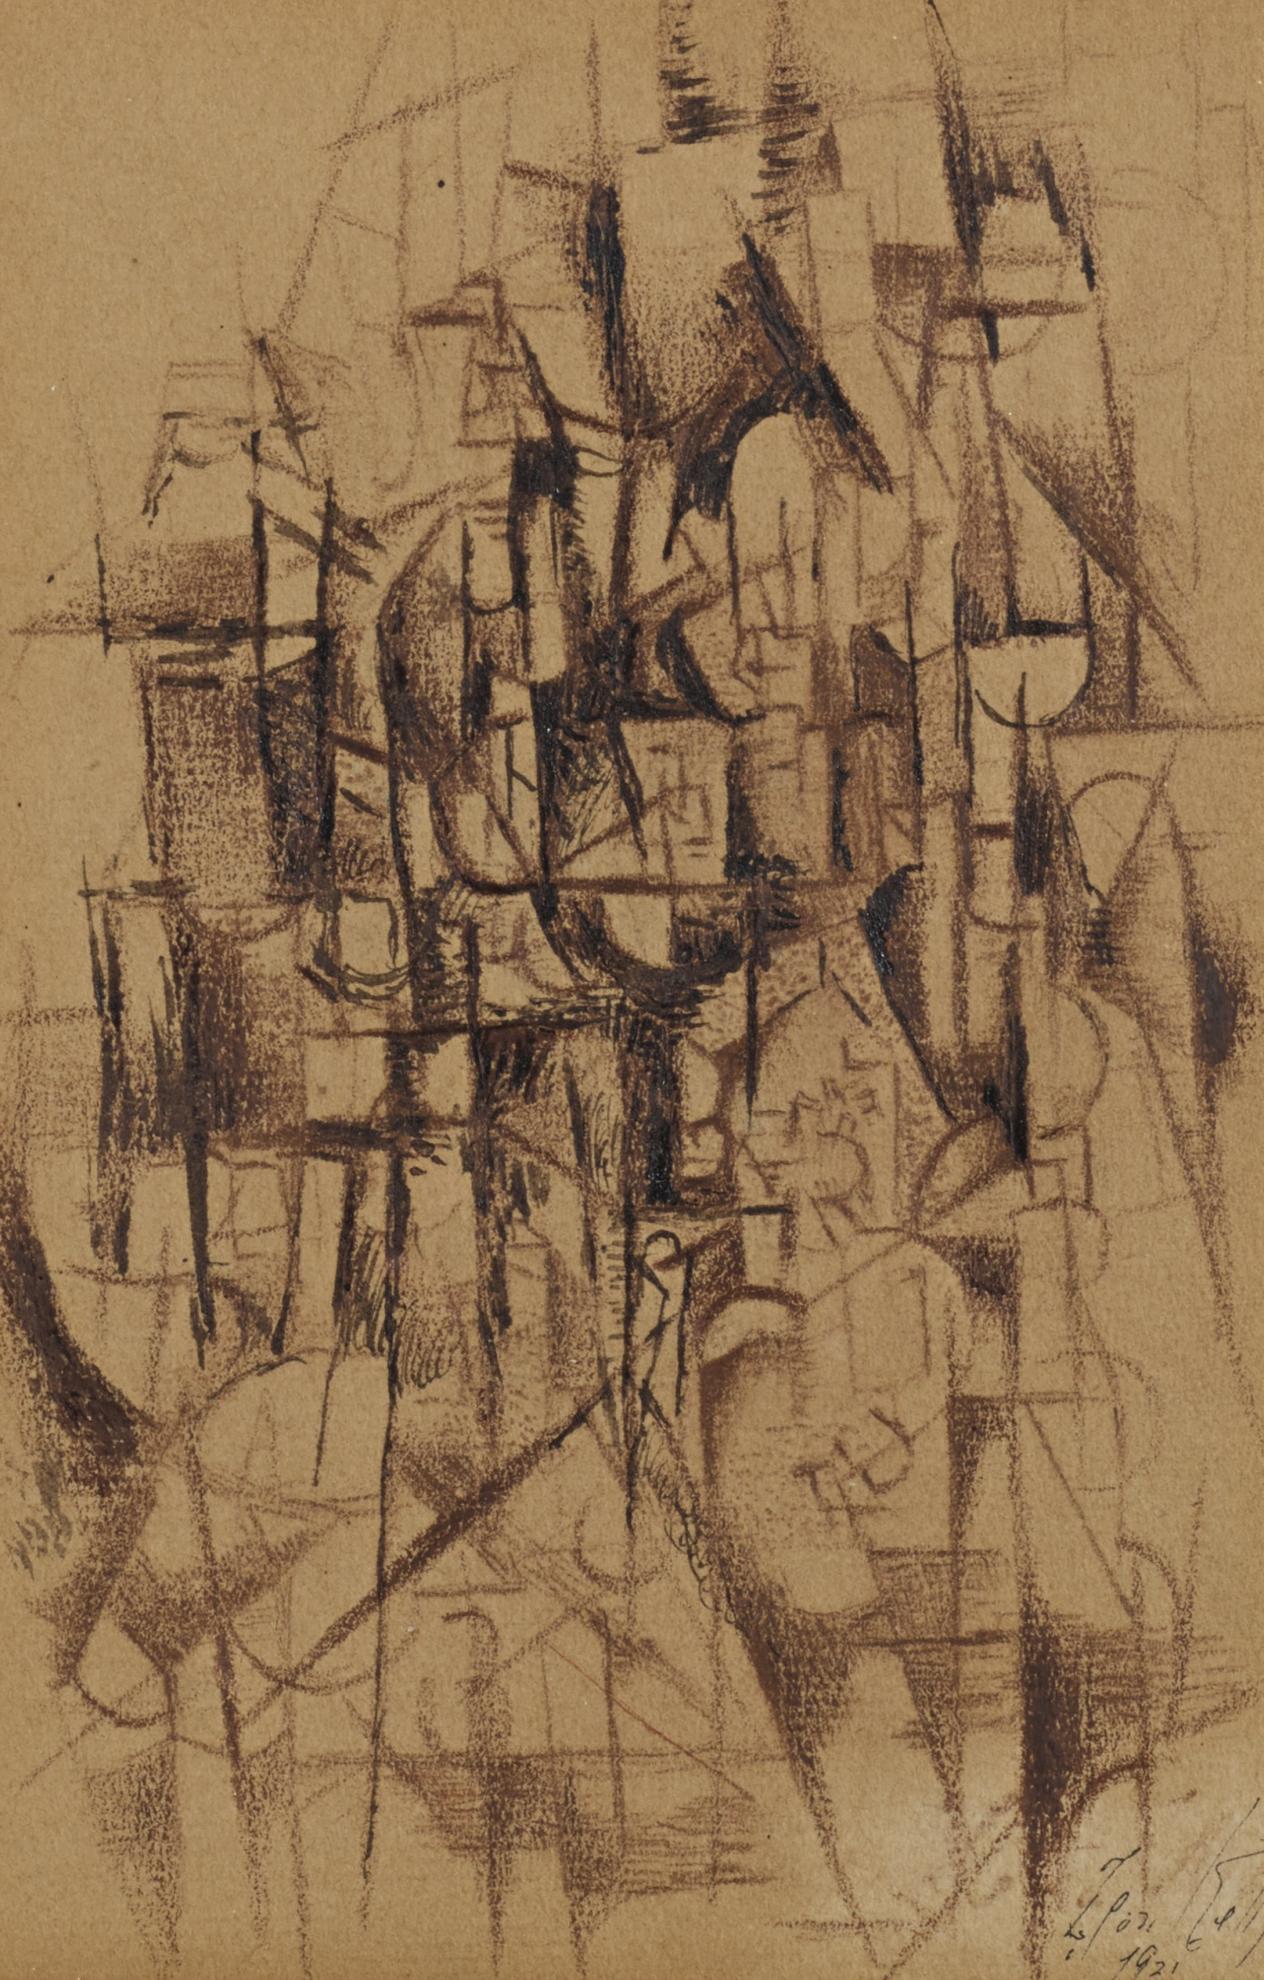 Leon Kelly-Leglise-1921